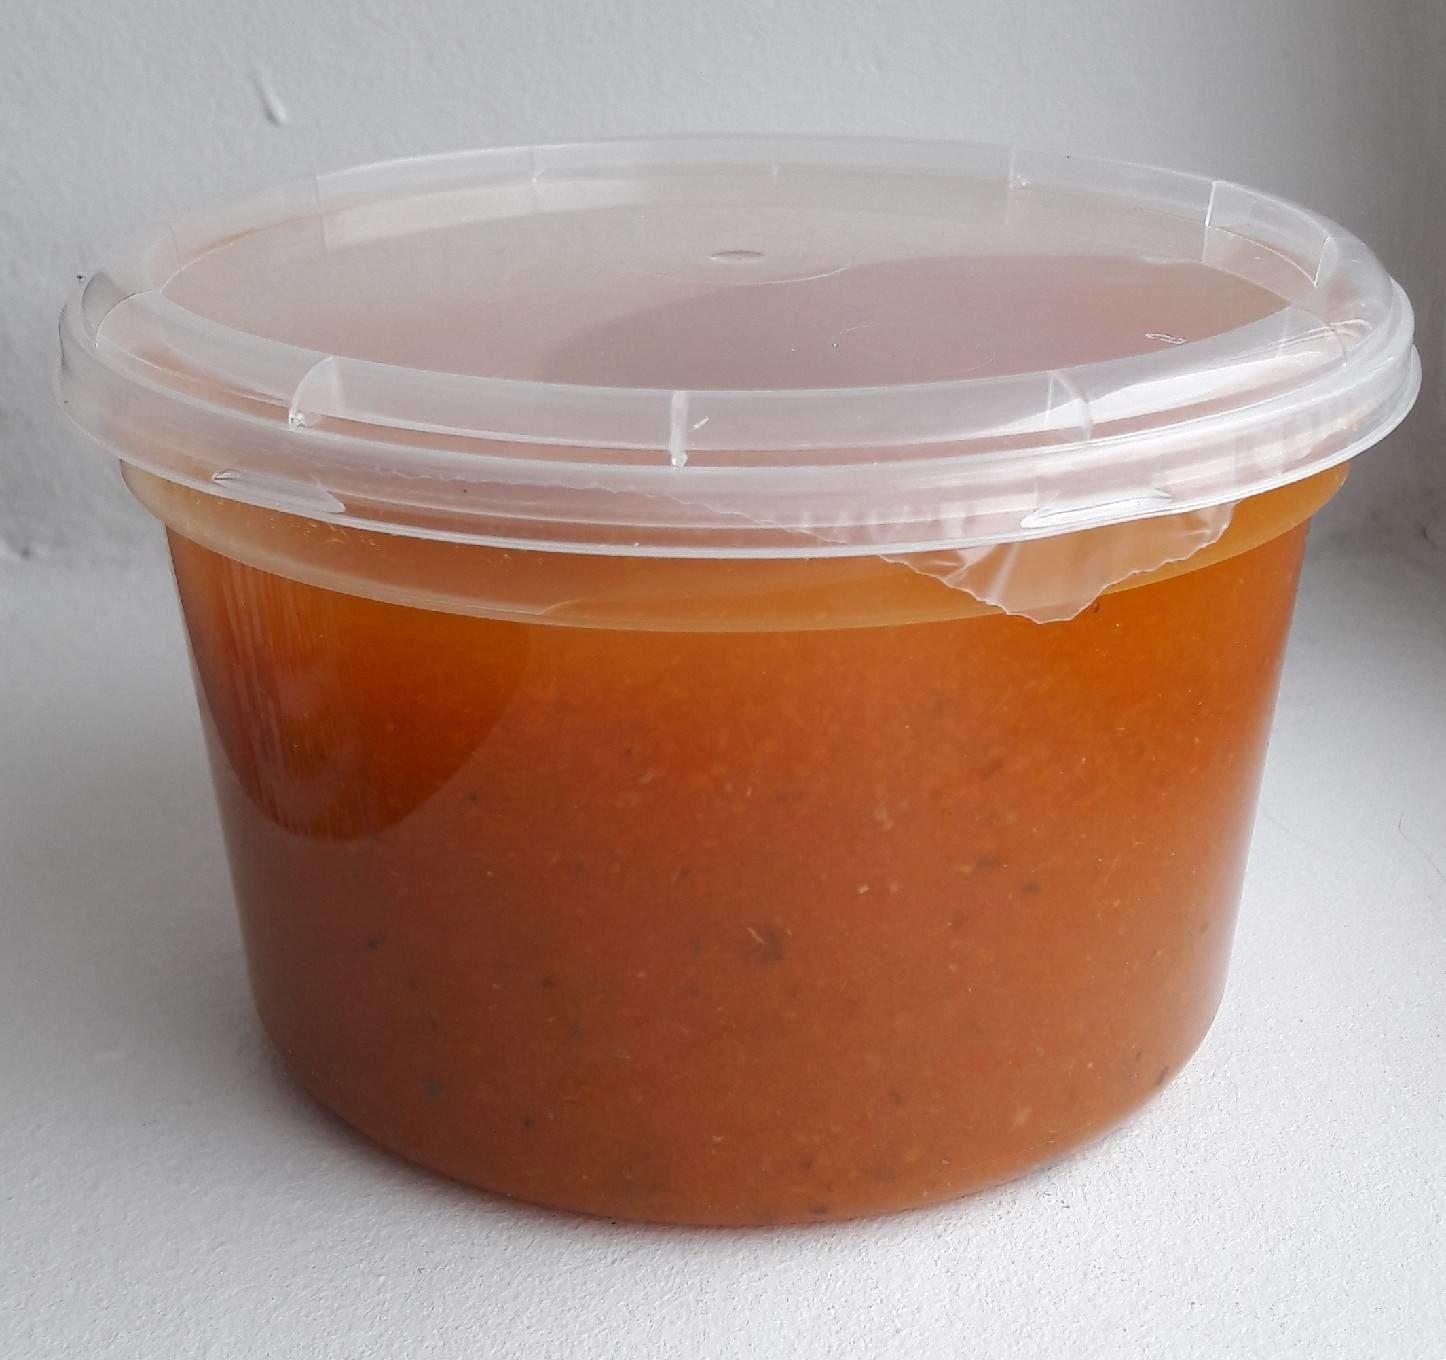 Velouté de tomates et basilic - Produit - fr